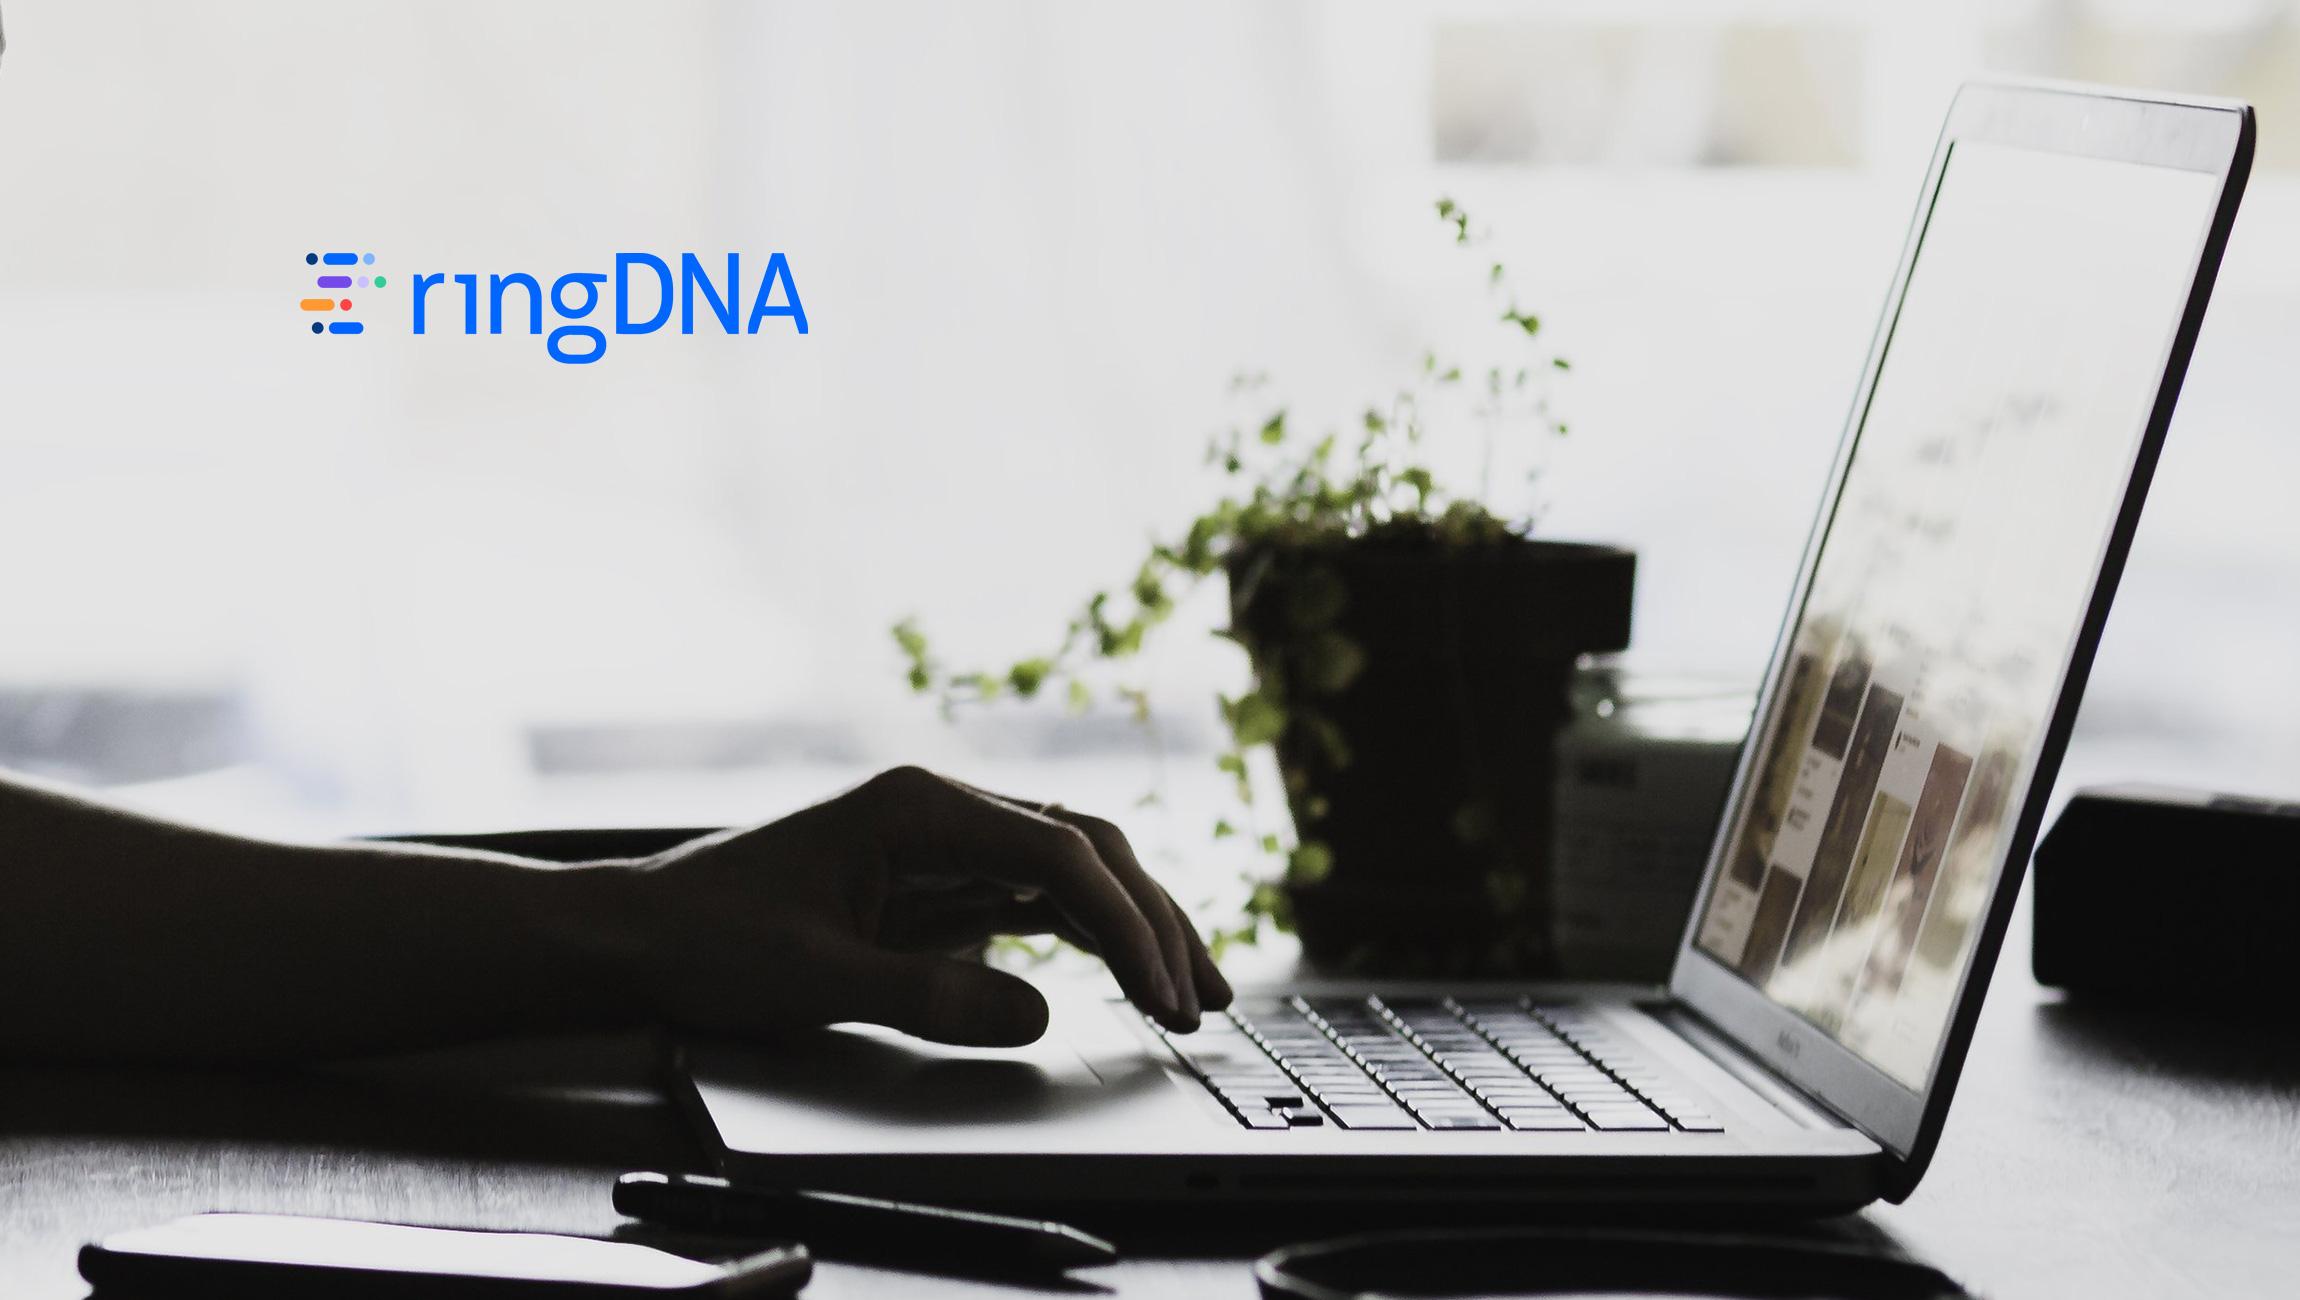 ringDNA Honored by Goldman Sachs for Entrepreneurship